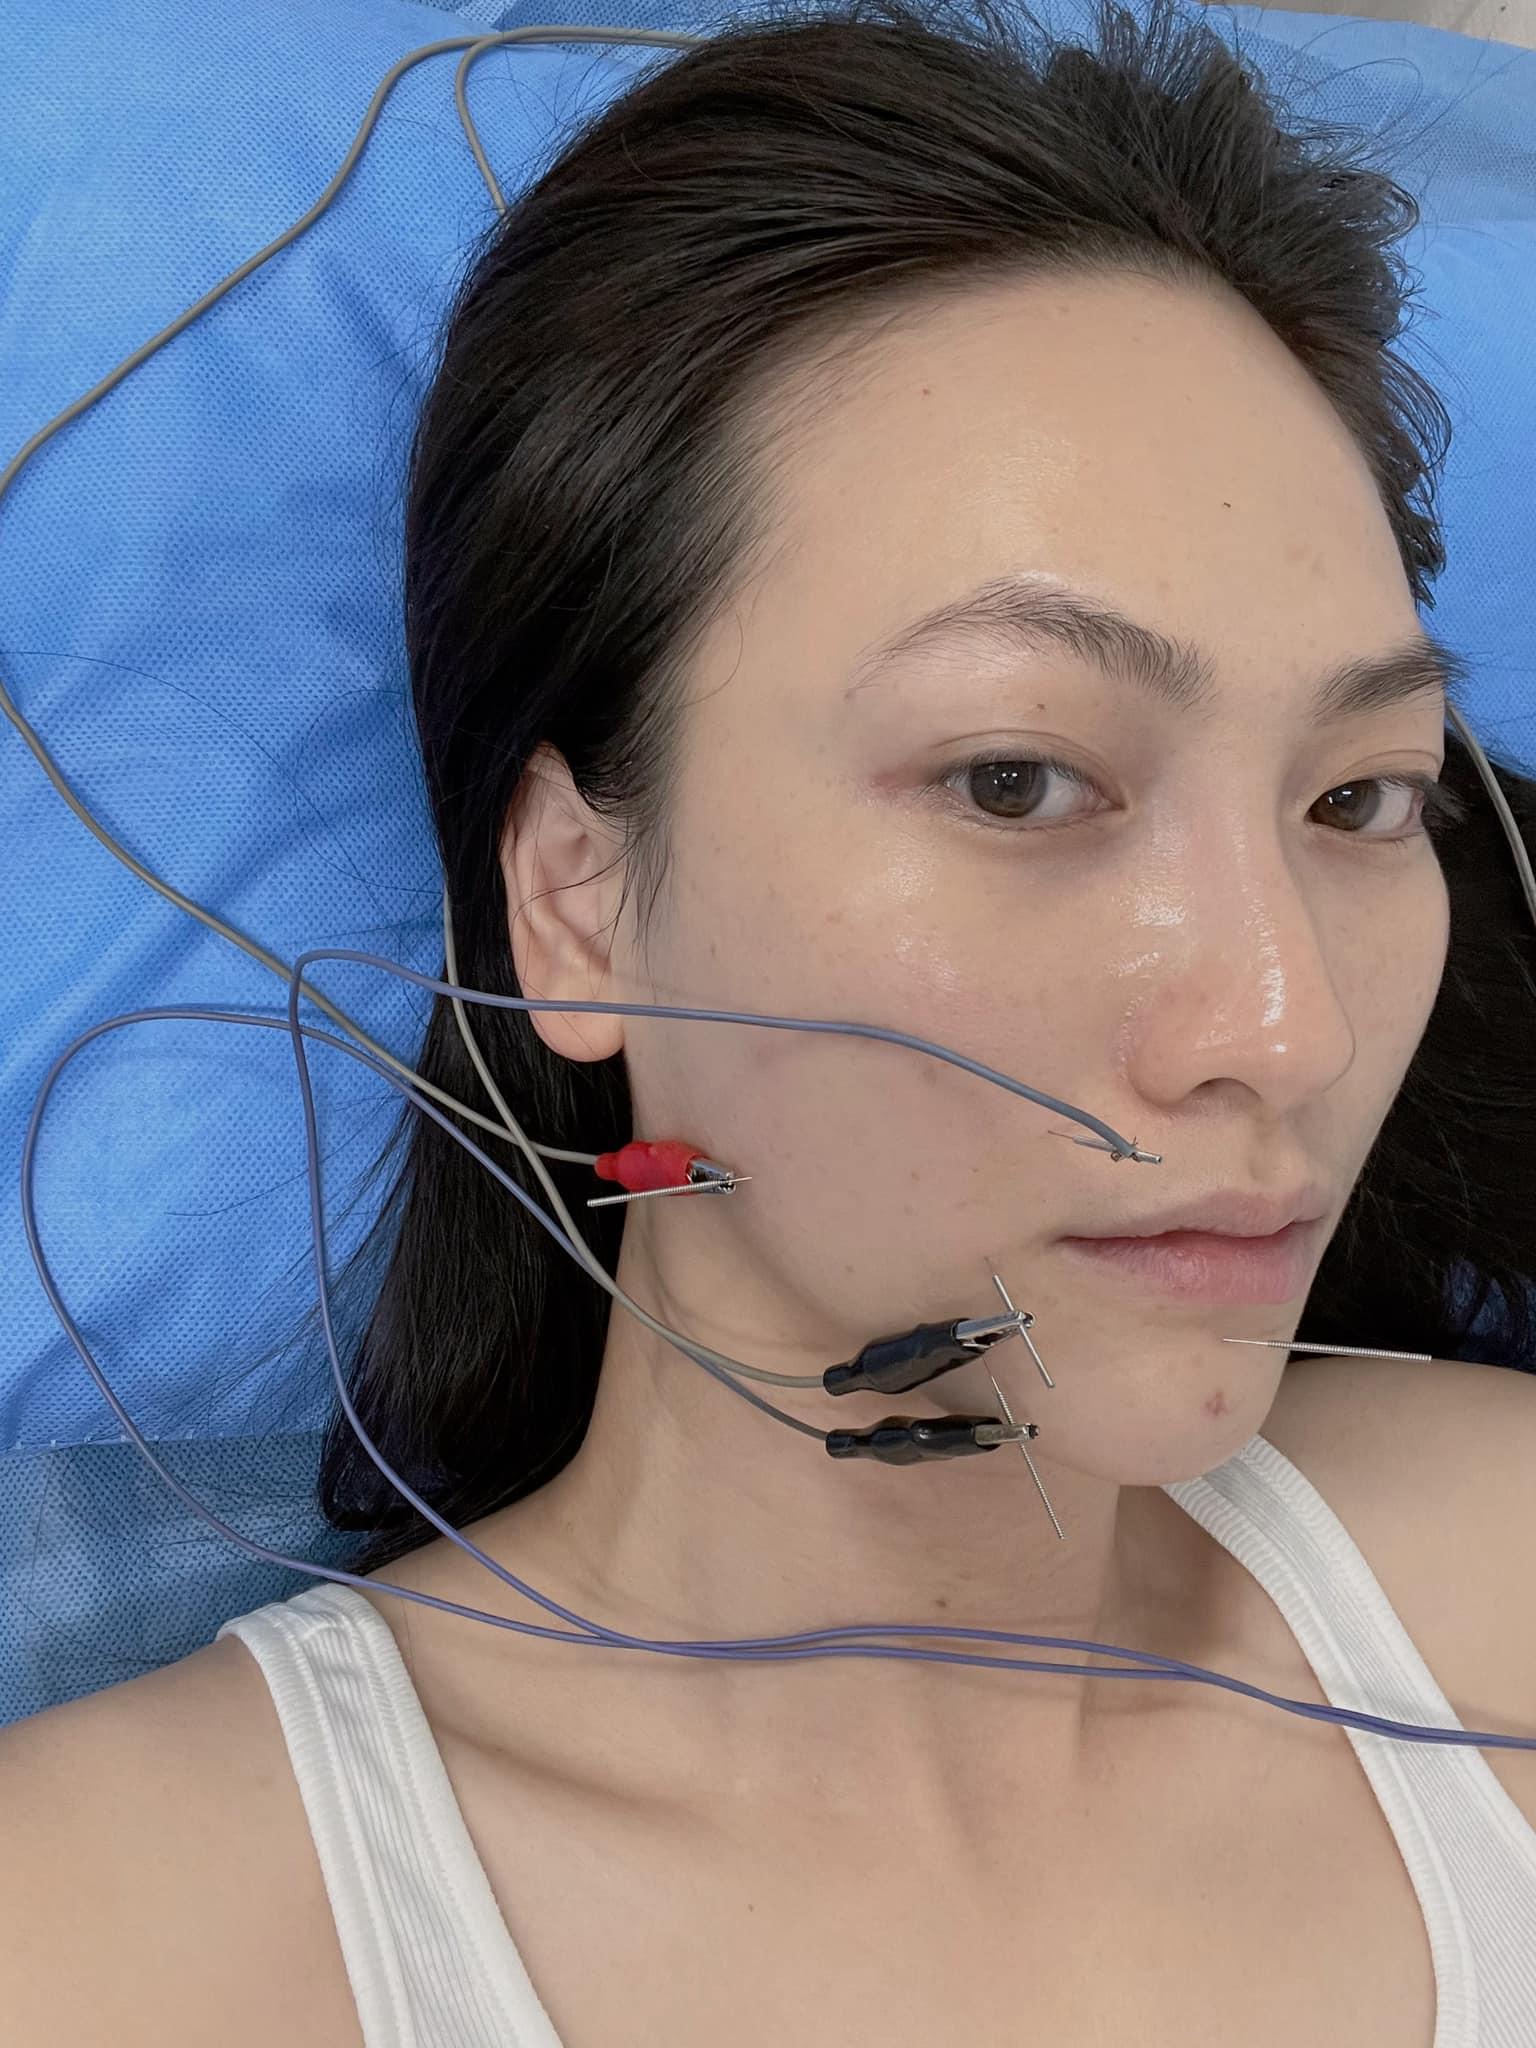 """Nữ diễn viên """"Chàng vợ của em"""" bị méo khung môi sau khi phẫu thuật chữa bệnh tuyến giáp - Ảnh 2."""